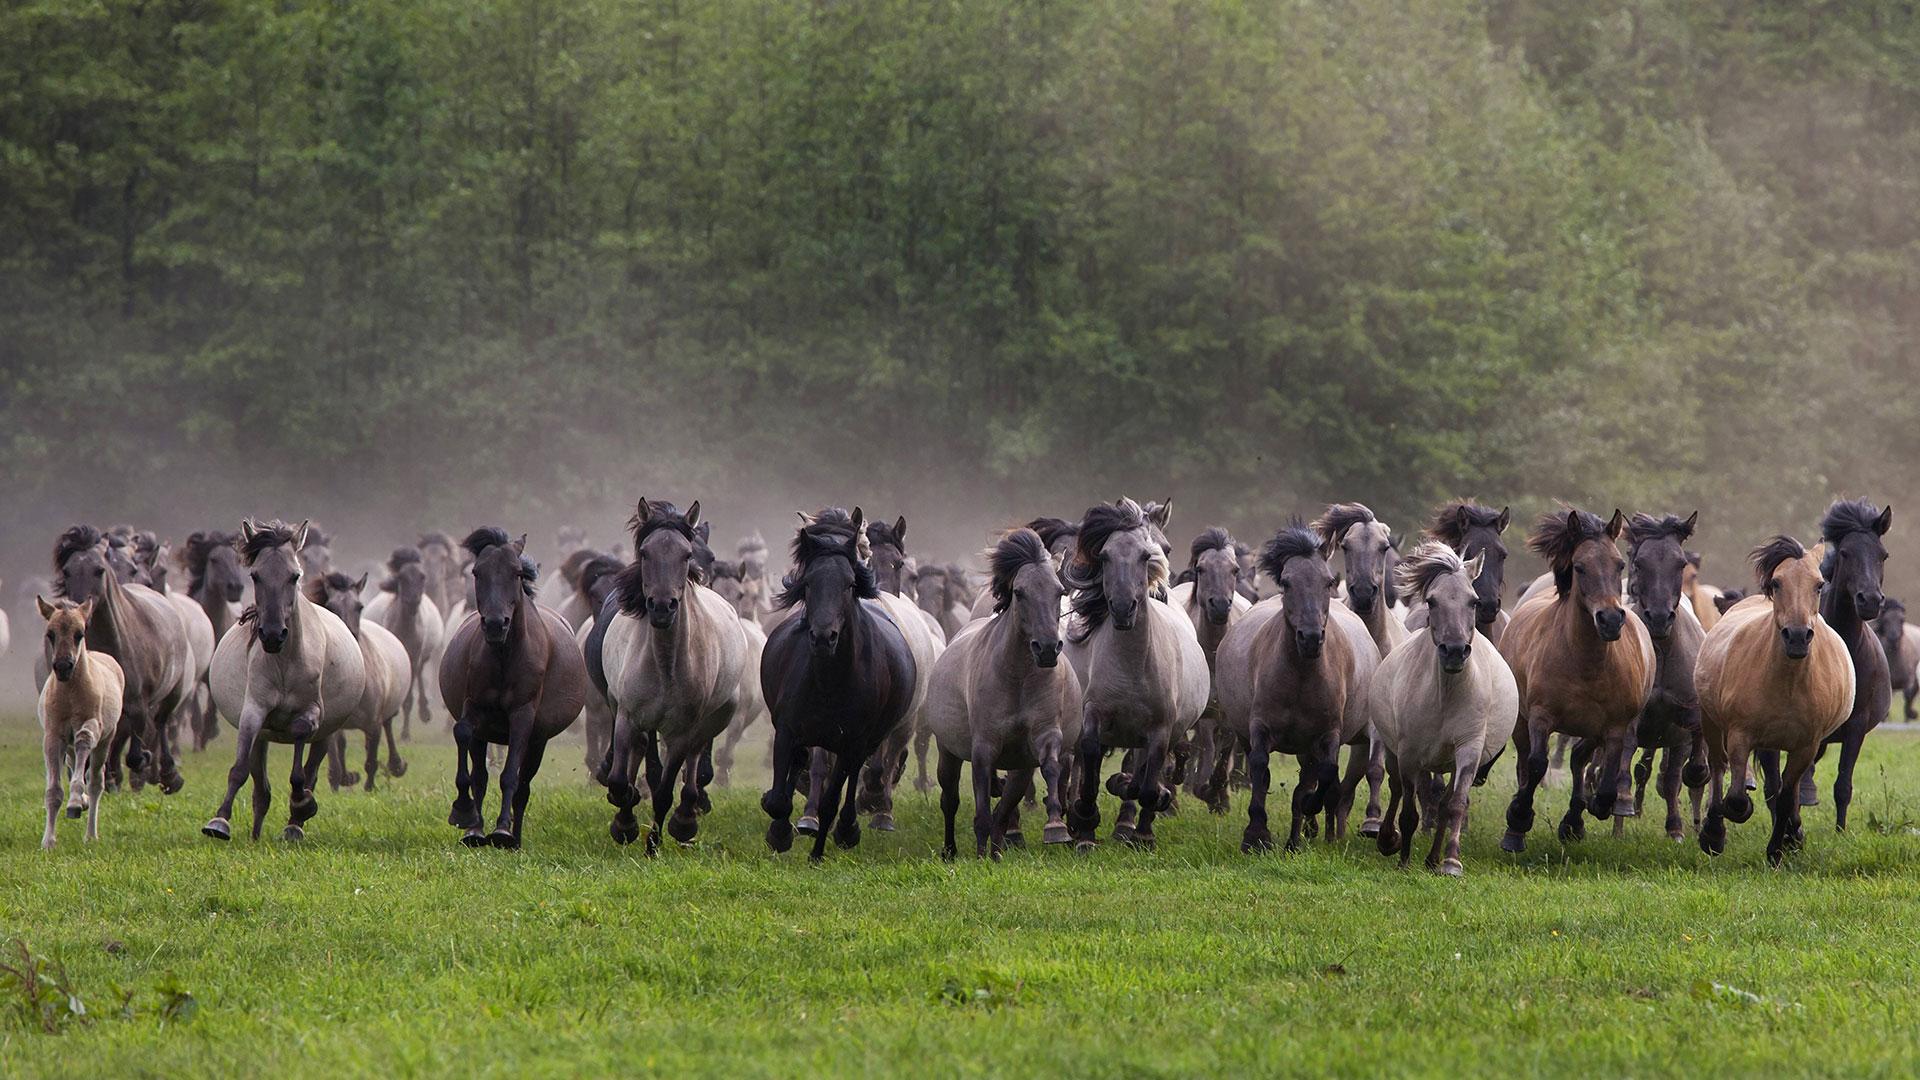 Wildpferde in Deutschland: Dülmener Wildpferde und zum Beispiel auch Mustangs sind keine echten Wildpferde